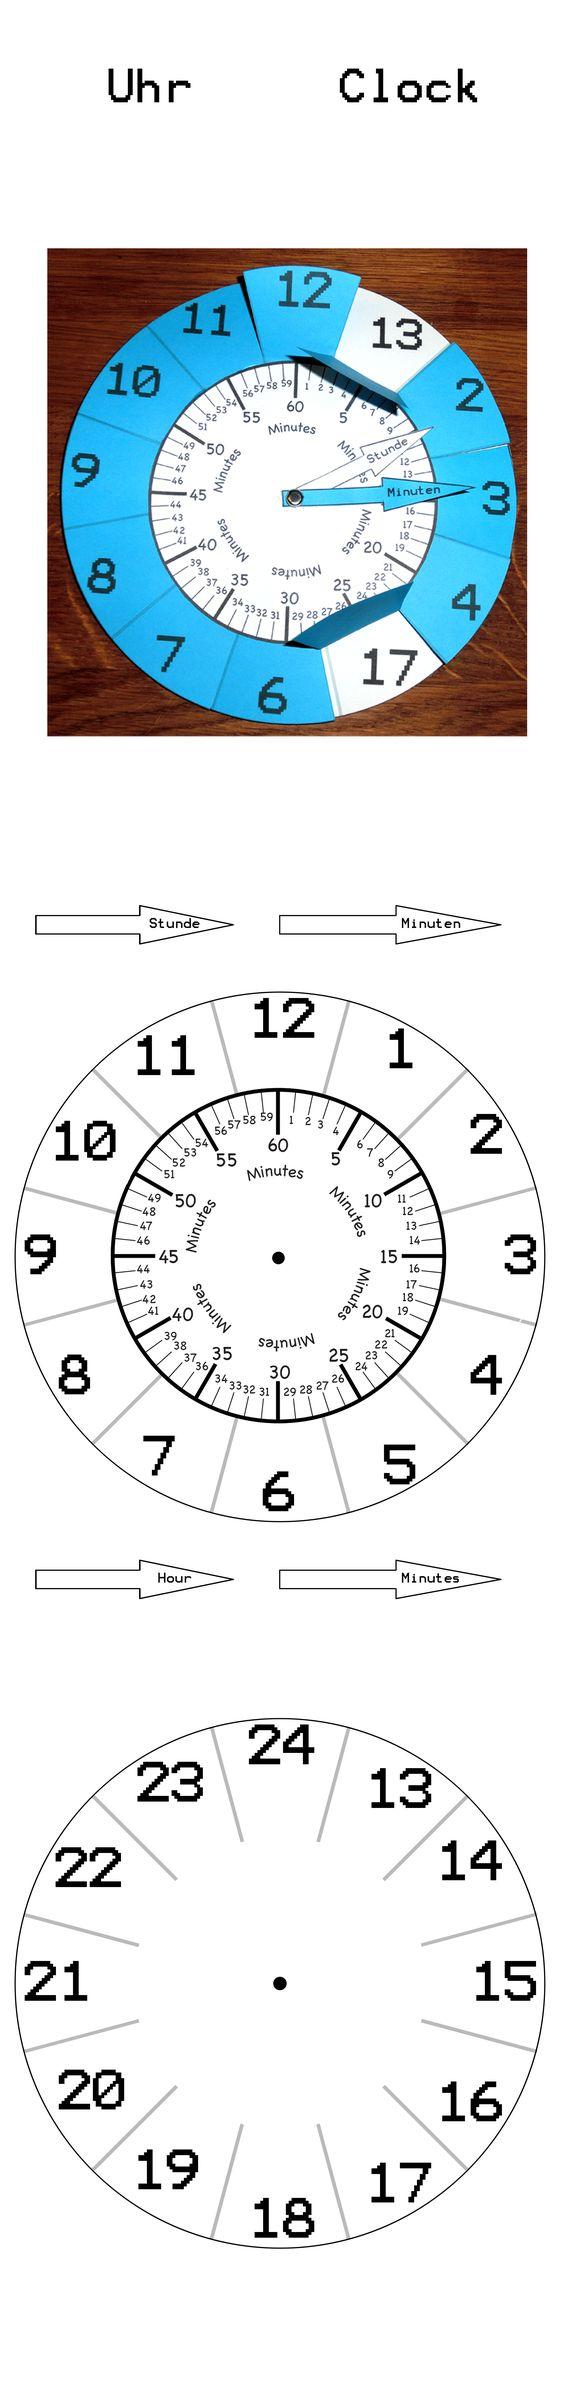 Relógio para trabalhar as horas